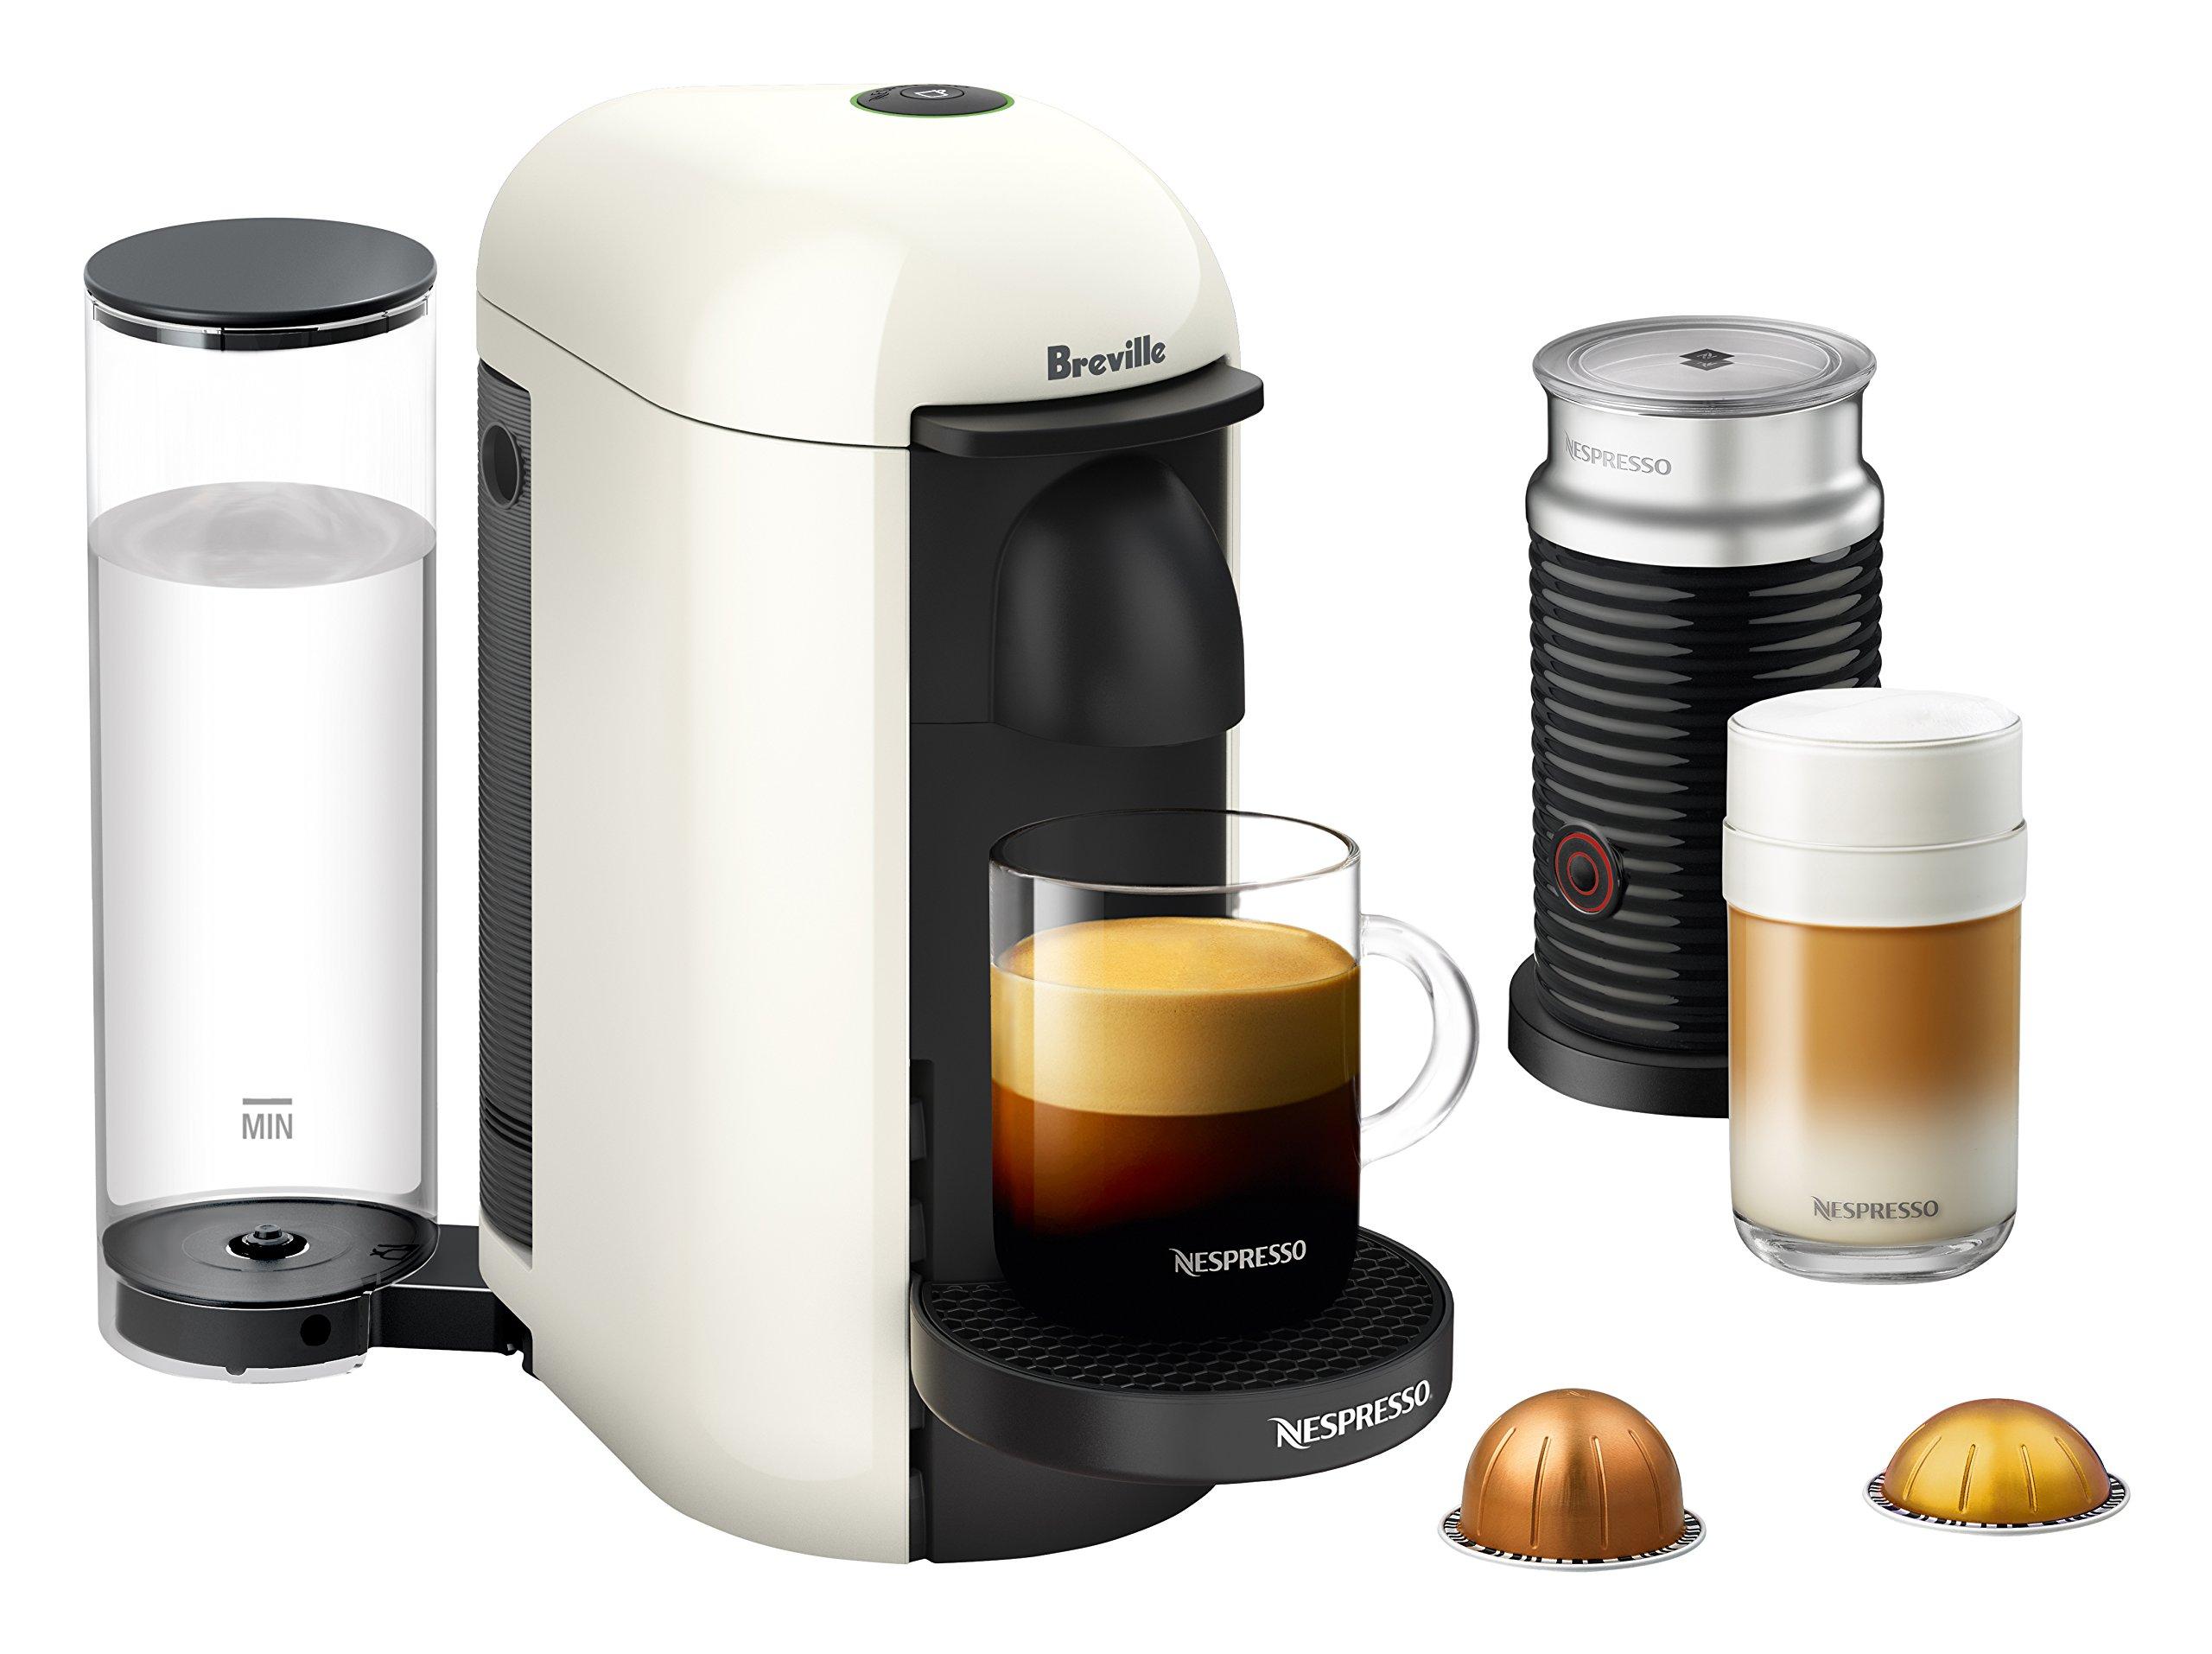 Nespresso VertuoPlus Coffee and Espresso Maker by Breville with Aeroccino, White